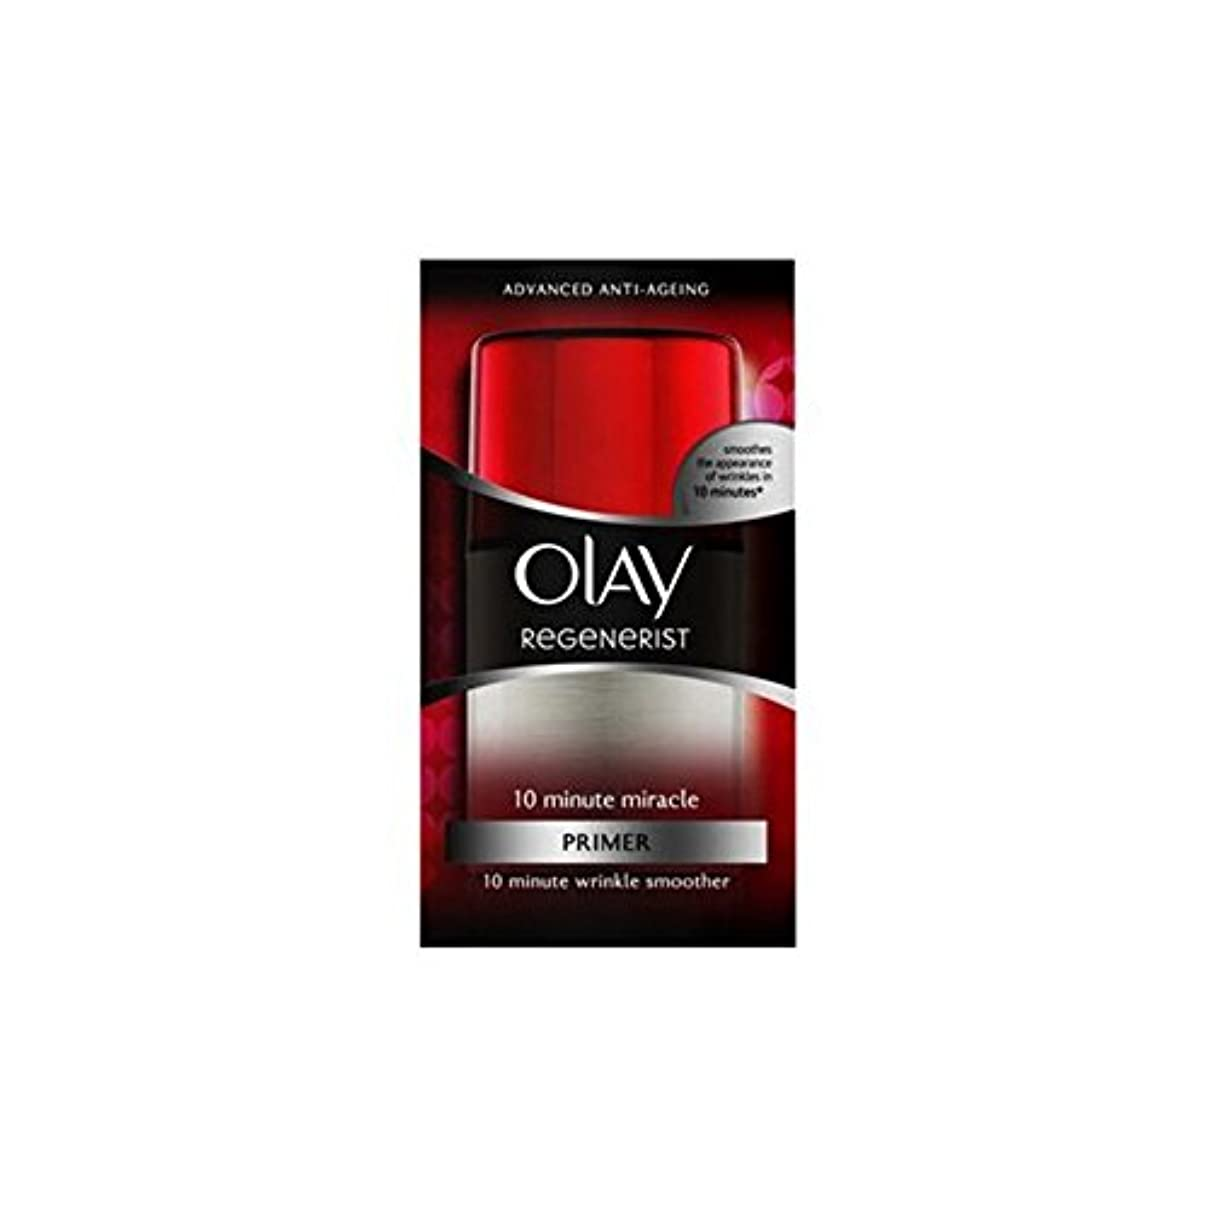 古い離れて差し引くオーレイリジェネスーパー10分の奇跡顔の保湿剤(50ミリリットル) x4 - Olay Regenerist Super 10 Minute Miracle Facial Moisturiser (50ml) (Pack of 4) [並行輸入品]